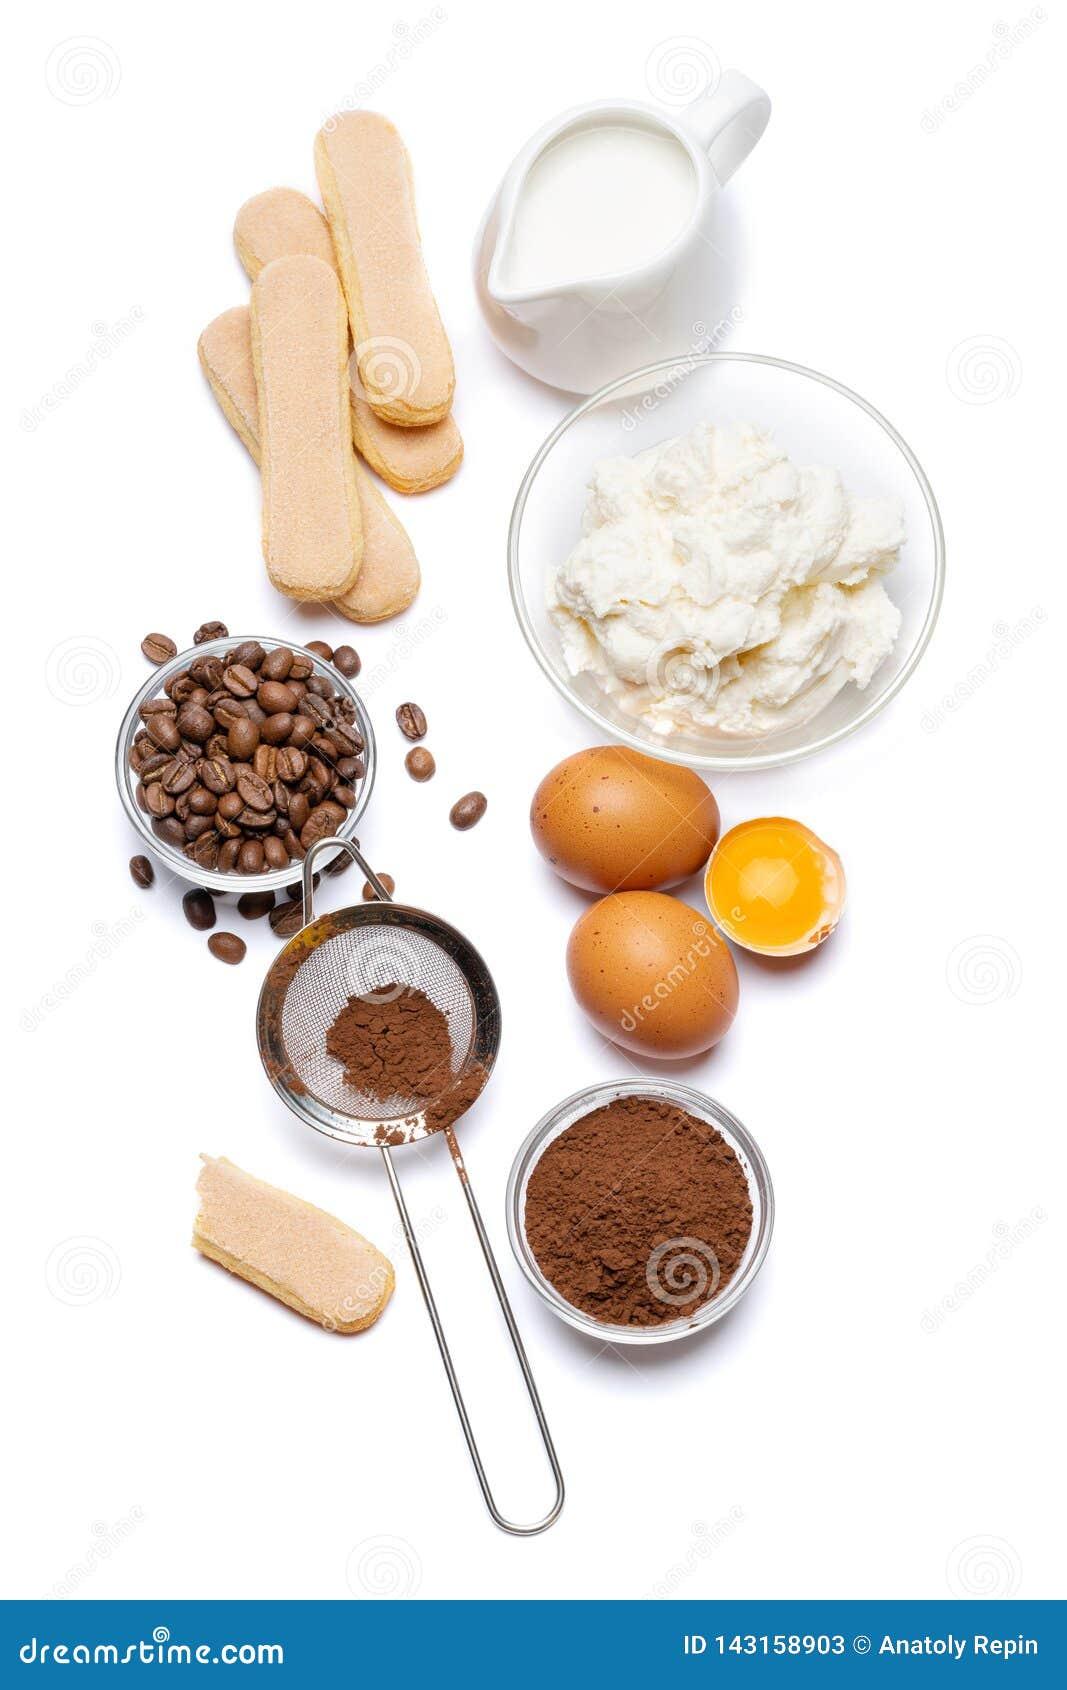 Składniki dla kulinarnego tiramisu Savoiardi biskwitowi ciastka, mascarpone, śmietanka, cukier, kakao, kawa i jajko -,